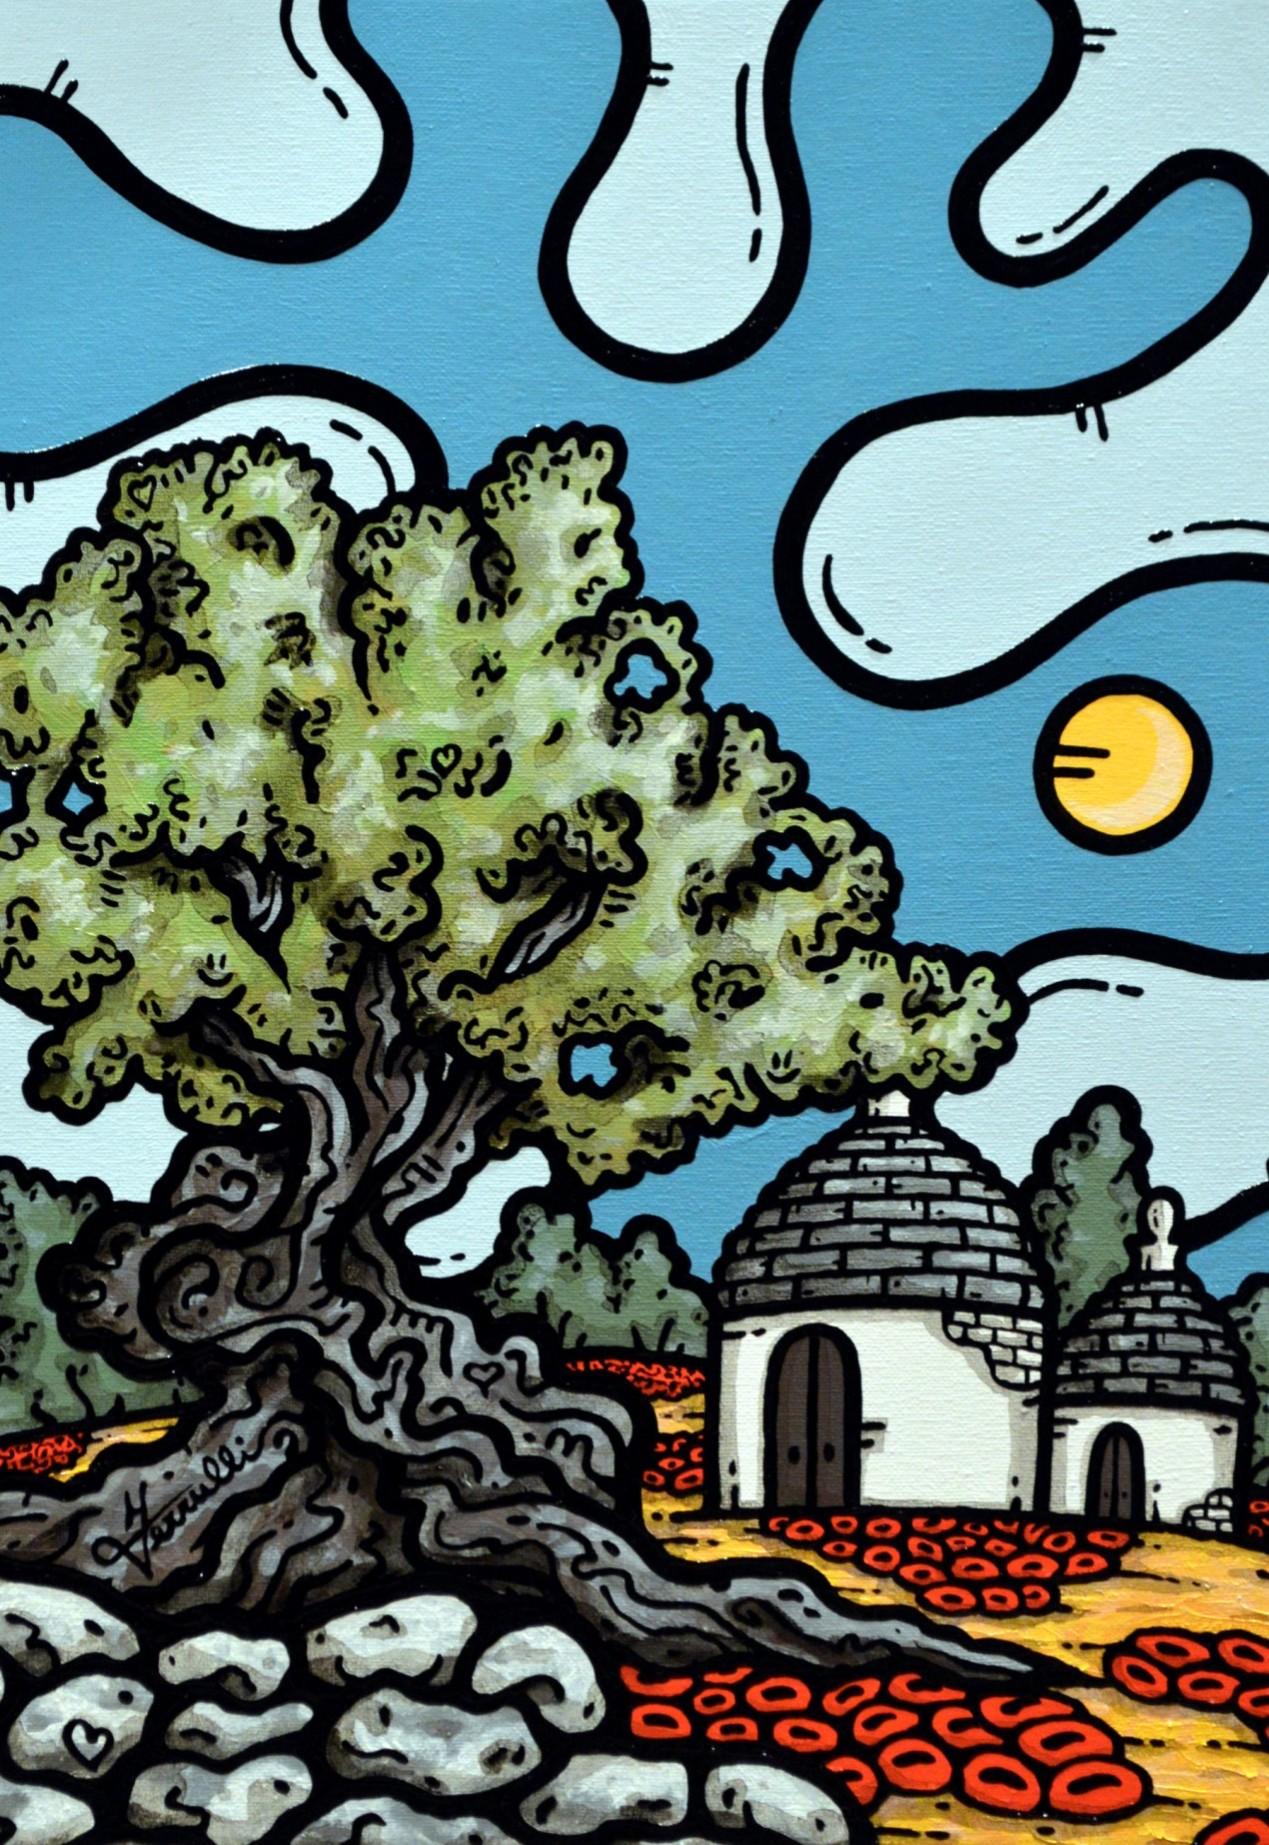 opera d'arte, contornismo metafisico, francesco ferrulli, pittore, pugliese, artista italiano, arte contemporanea, dipinto, olio su tela, paesaggi pugliesi, quadri, puglia, quadro colorato, oil on canvas, art, painter, paesaggio pugliese, trulli, campagna pugliese, ulivi, muretti a secco, papaveri